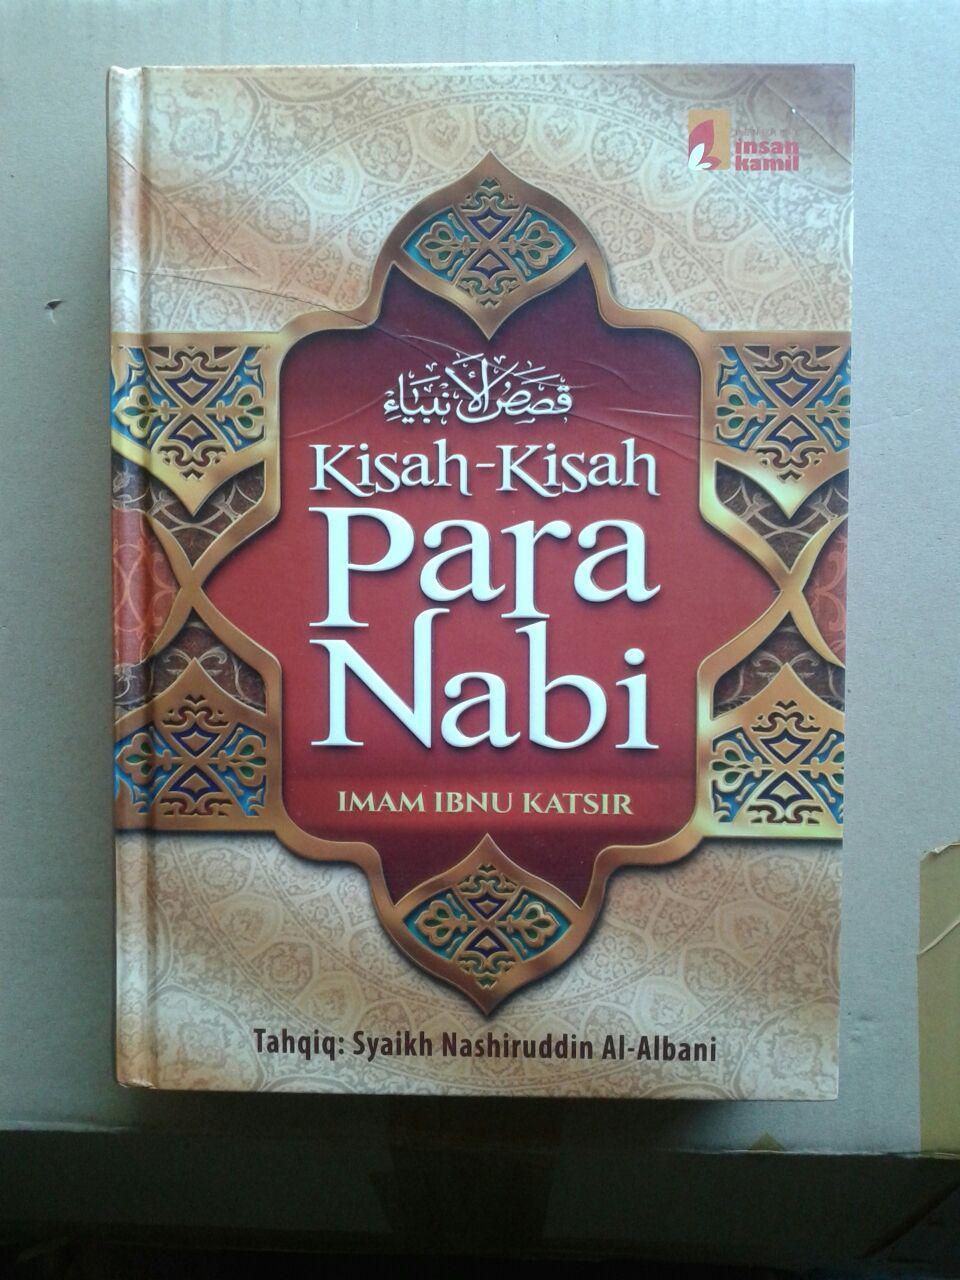 Buku Kisah-Kisah Para Nabi cover